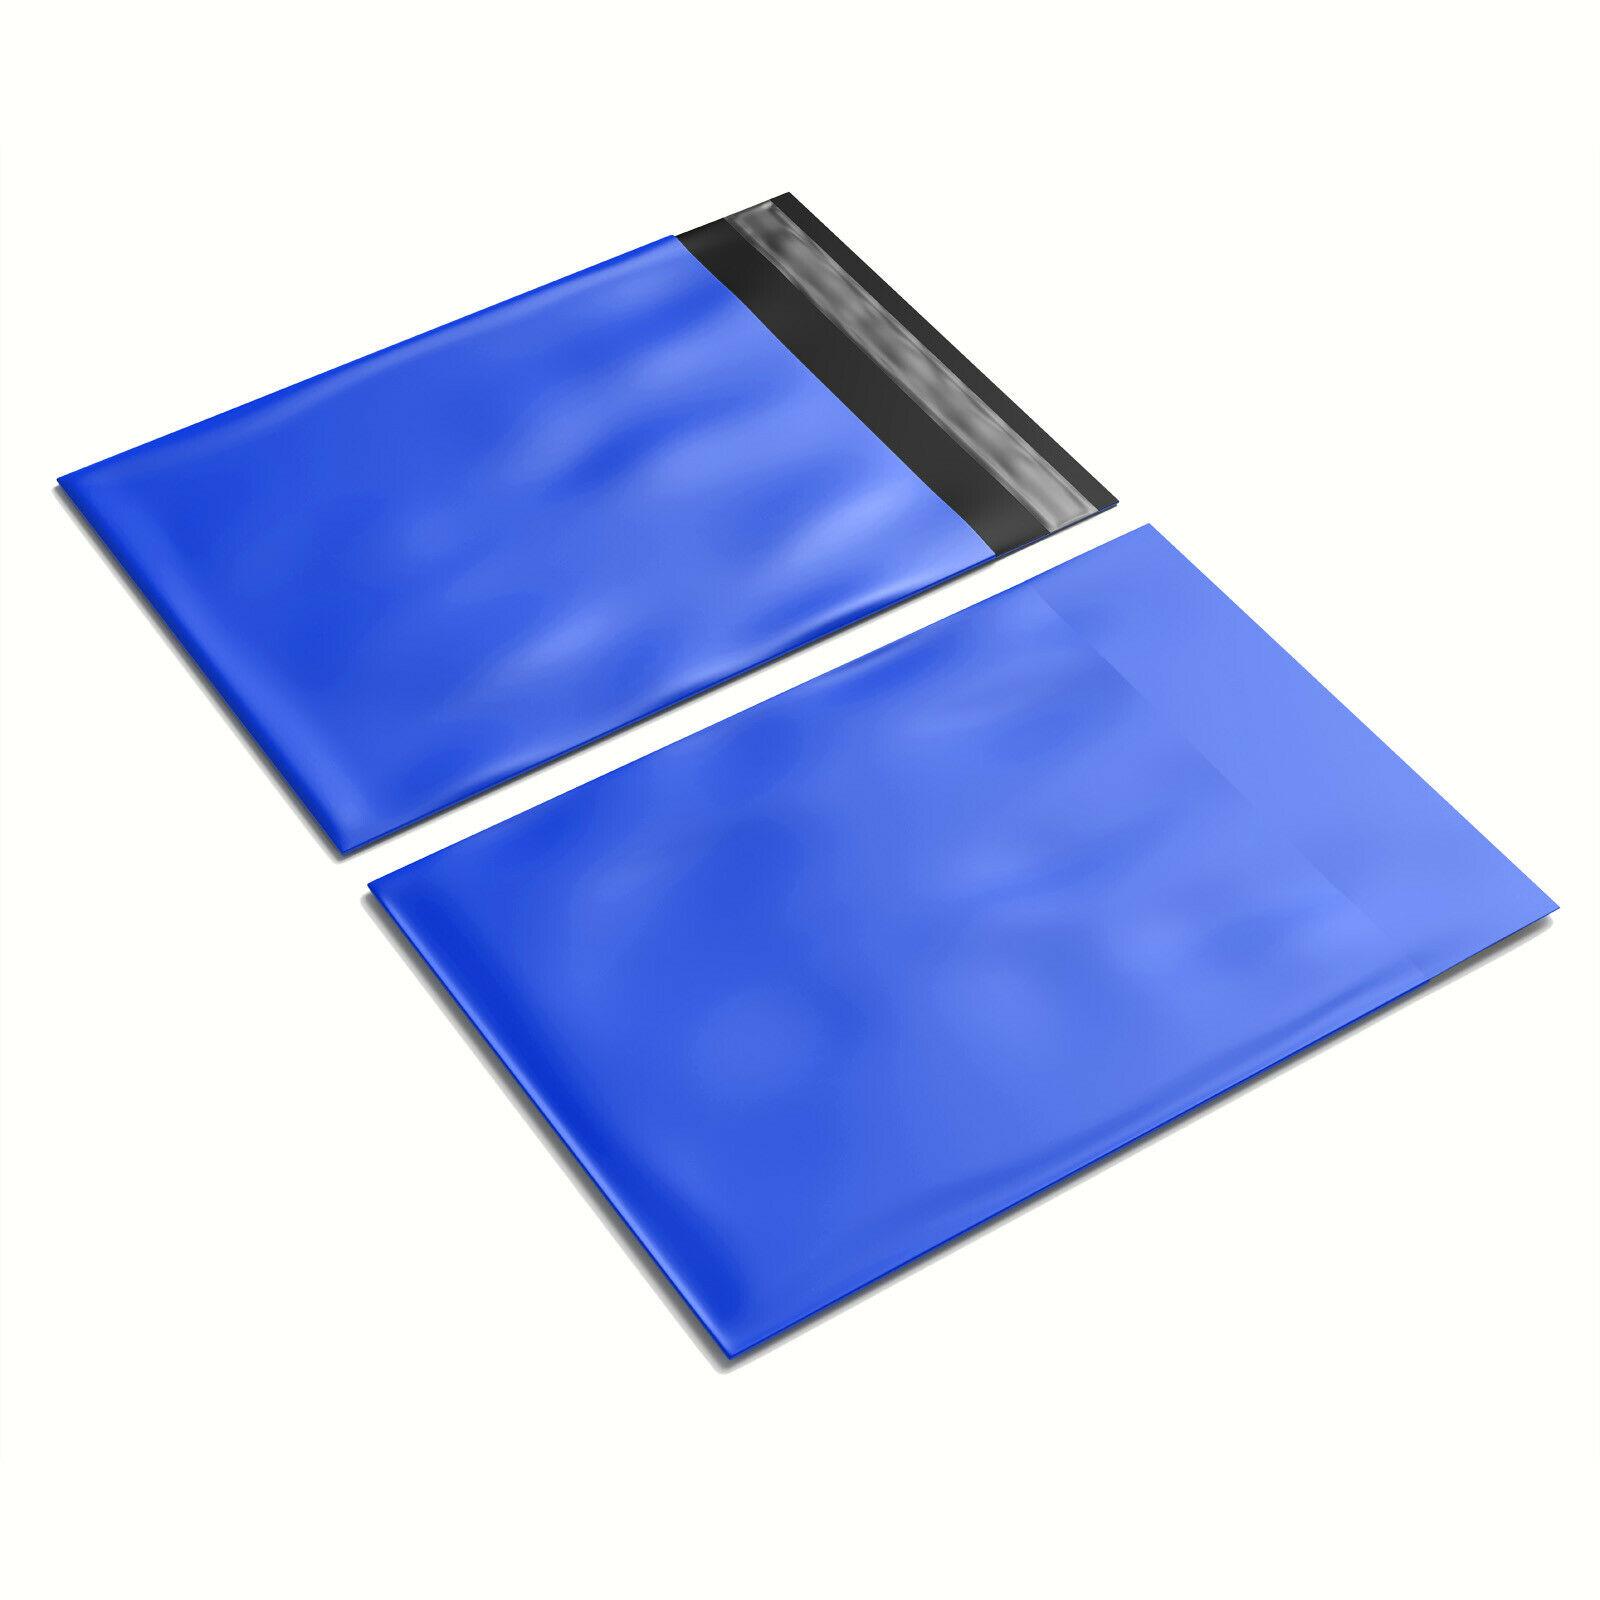 Blue Courier Satchel bag